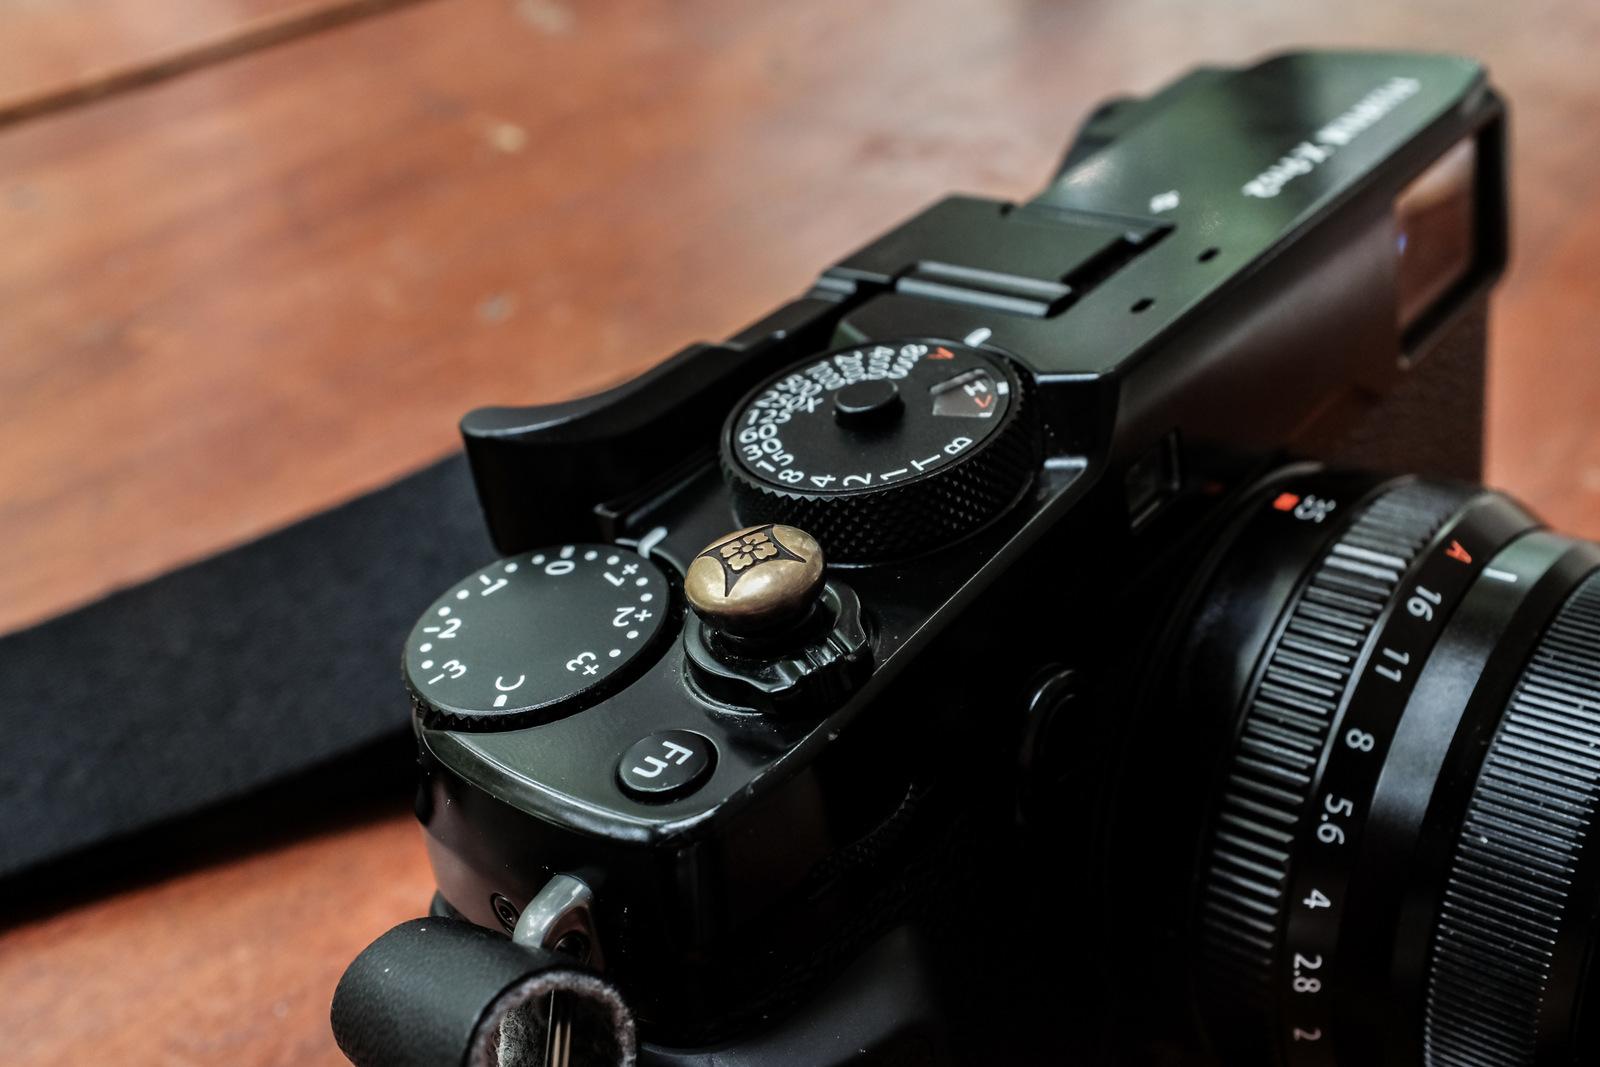 Lensmate XPro2 Front